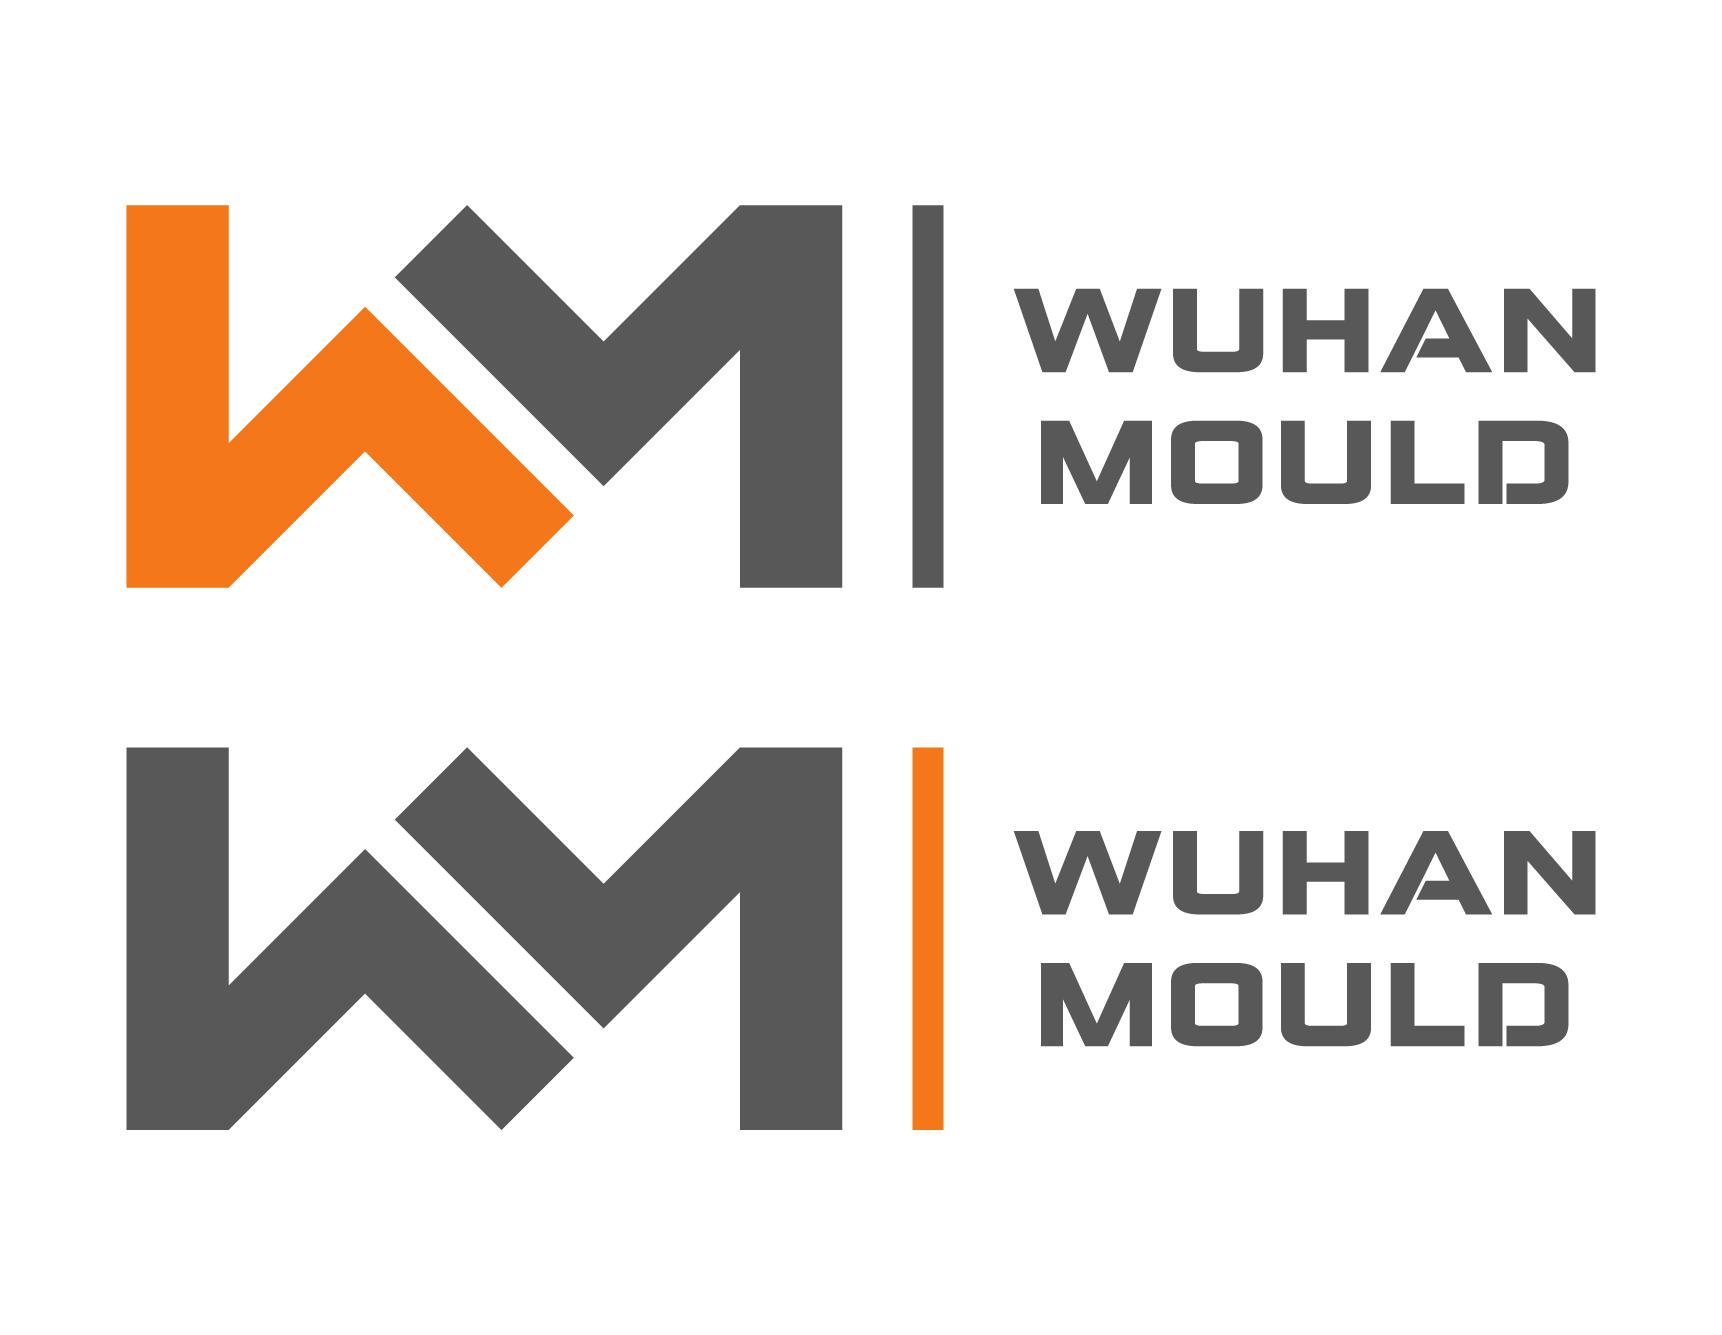 Создать логотип для фабрики пресс-форм фото f_1015989af4c99981.jpg